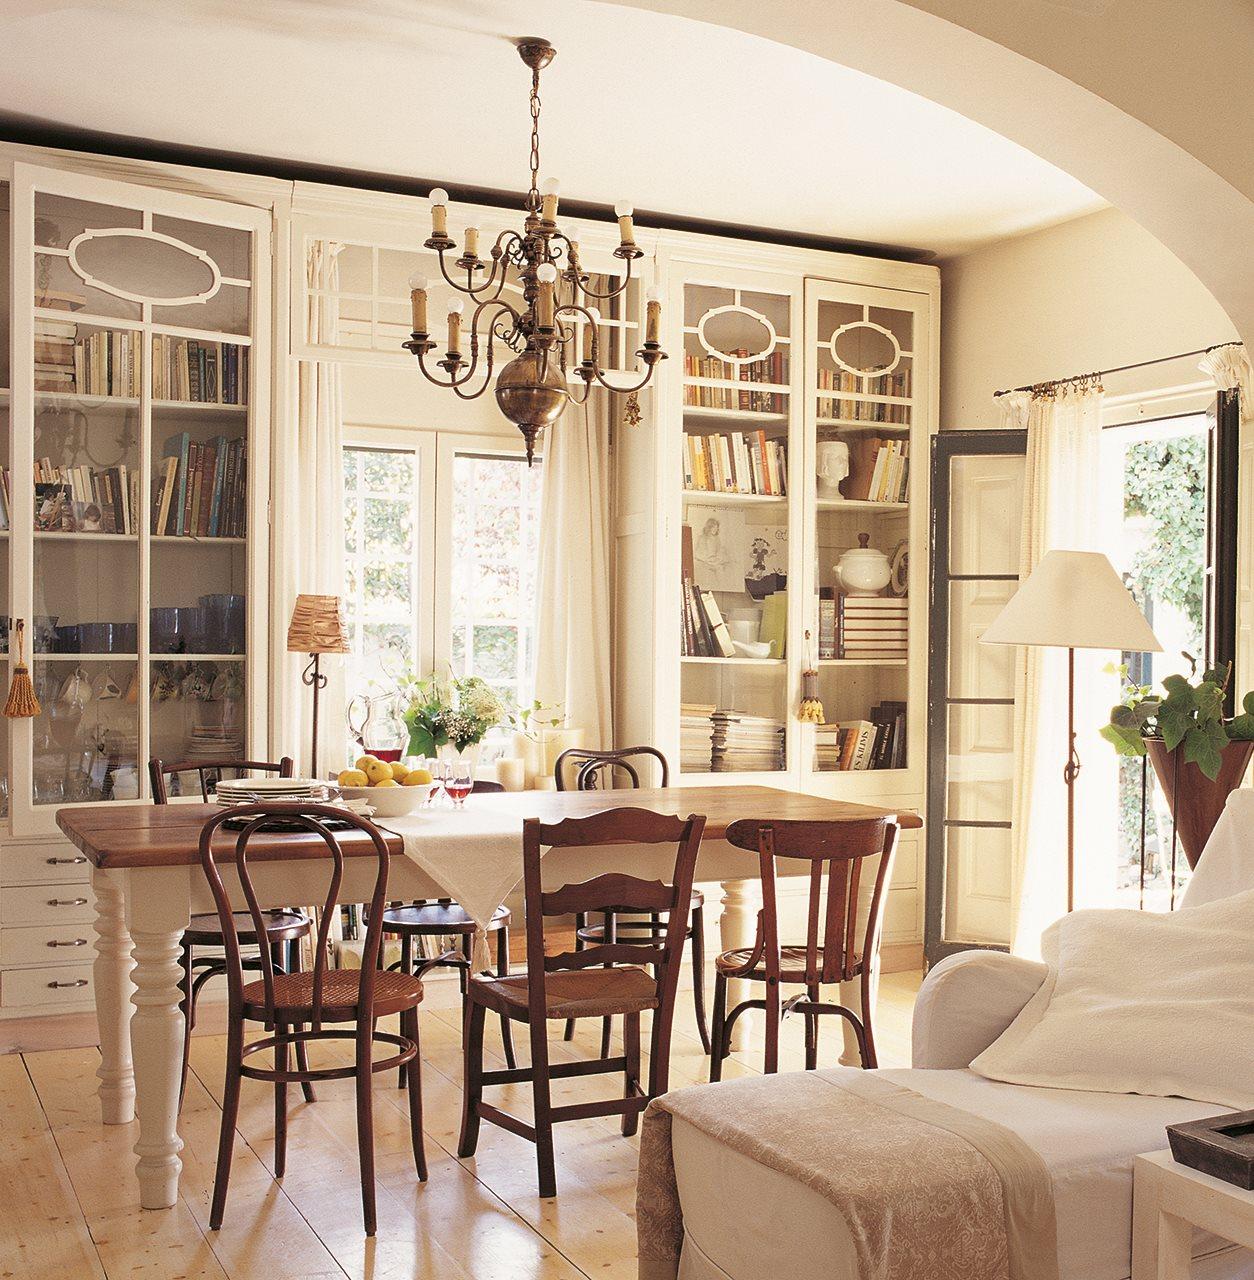 Cmo restaurar y recuperar muebles y piezas antiguas